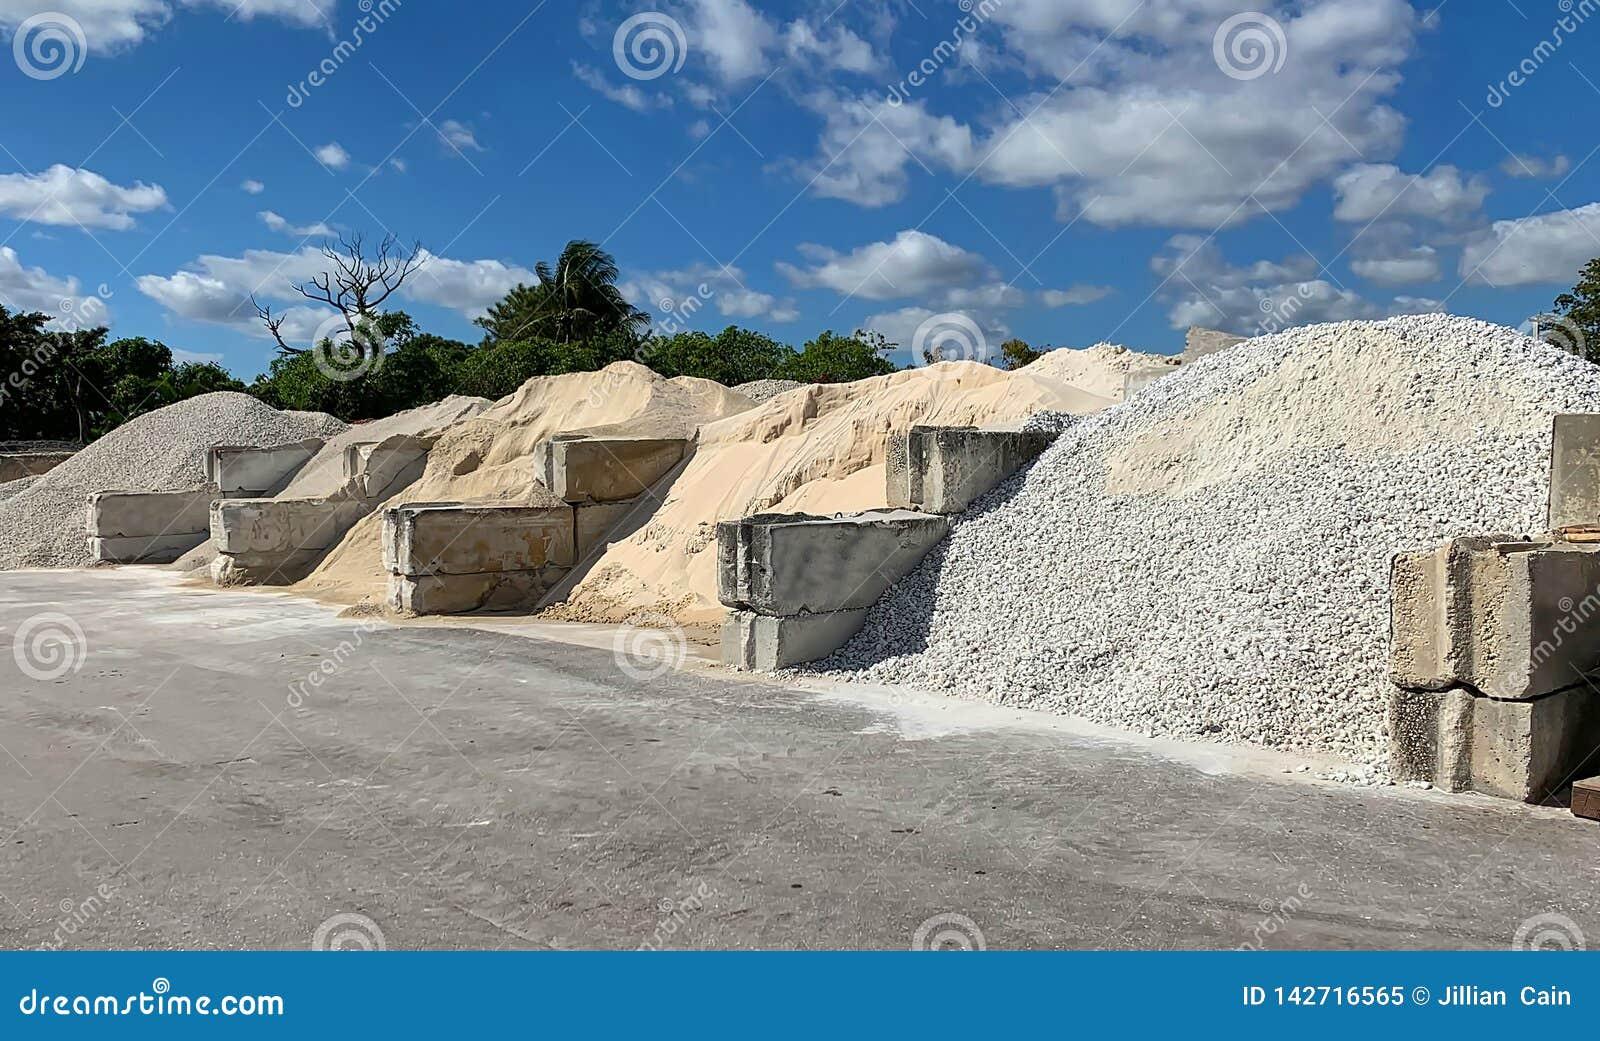 Sand For Sale >> Landscape Rocks For Sale Stock Image Image Of Road 142716565